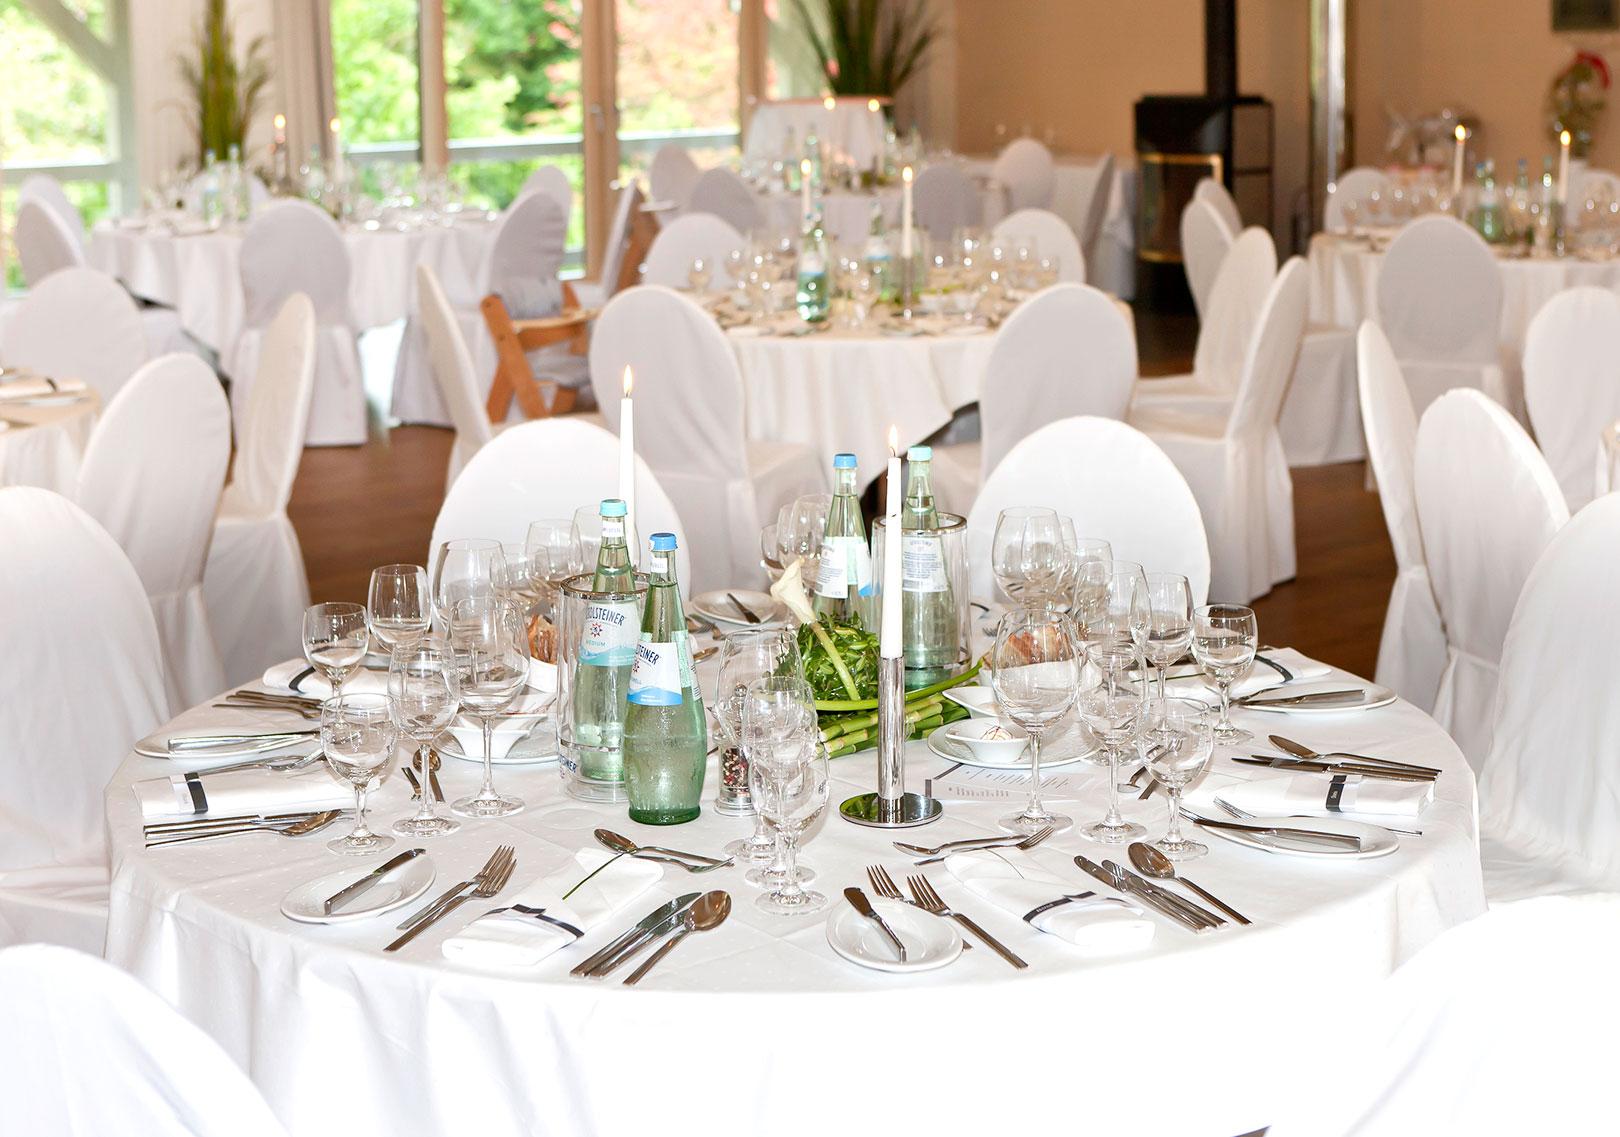 Hochzeitsfotografie: Ambiente | Foto: Dieter Eikenberg, imprints